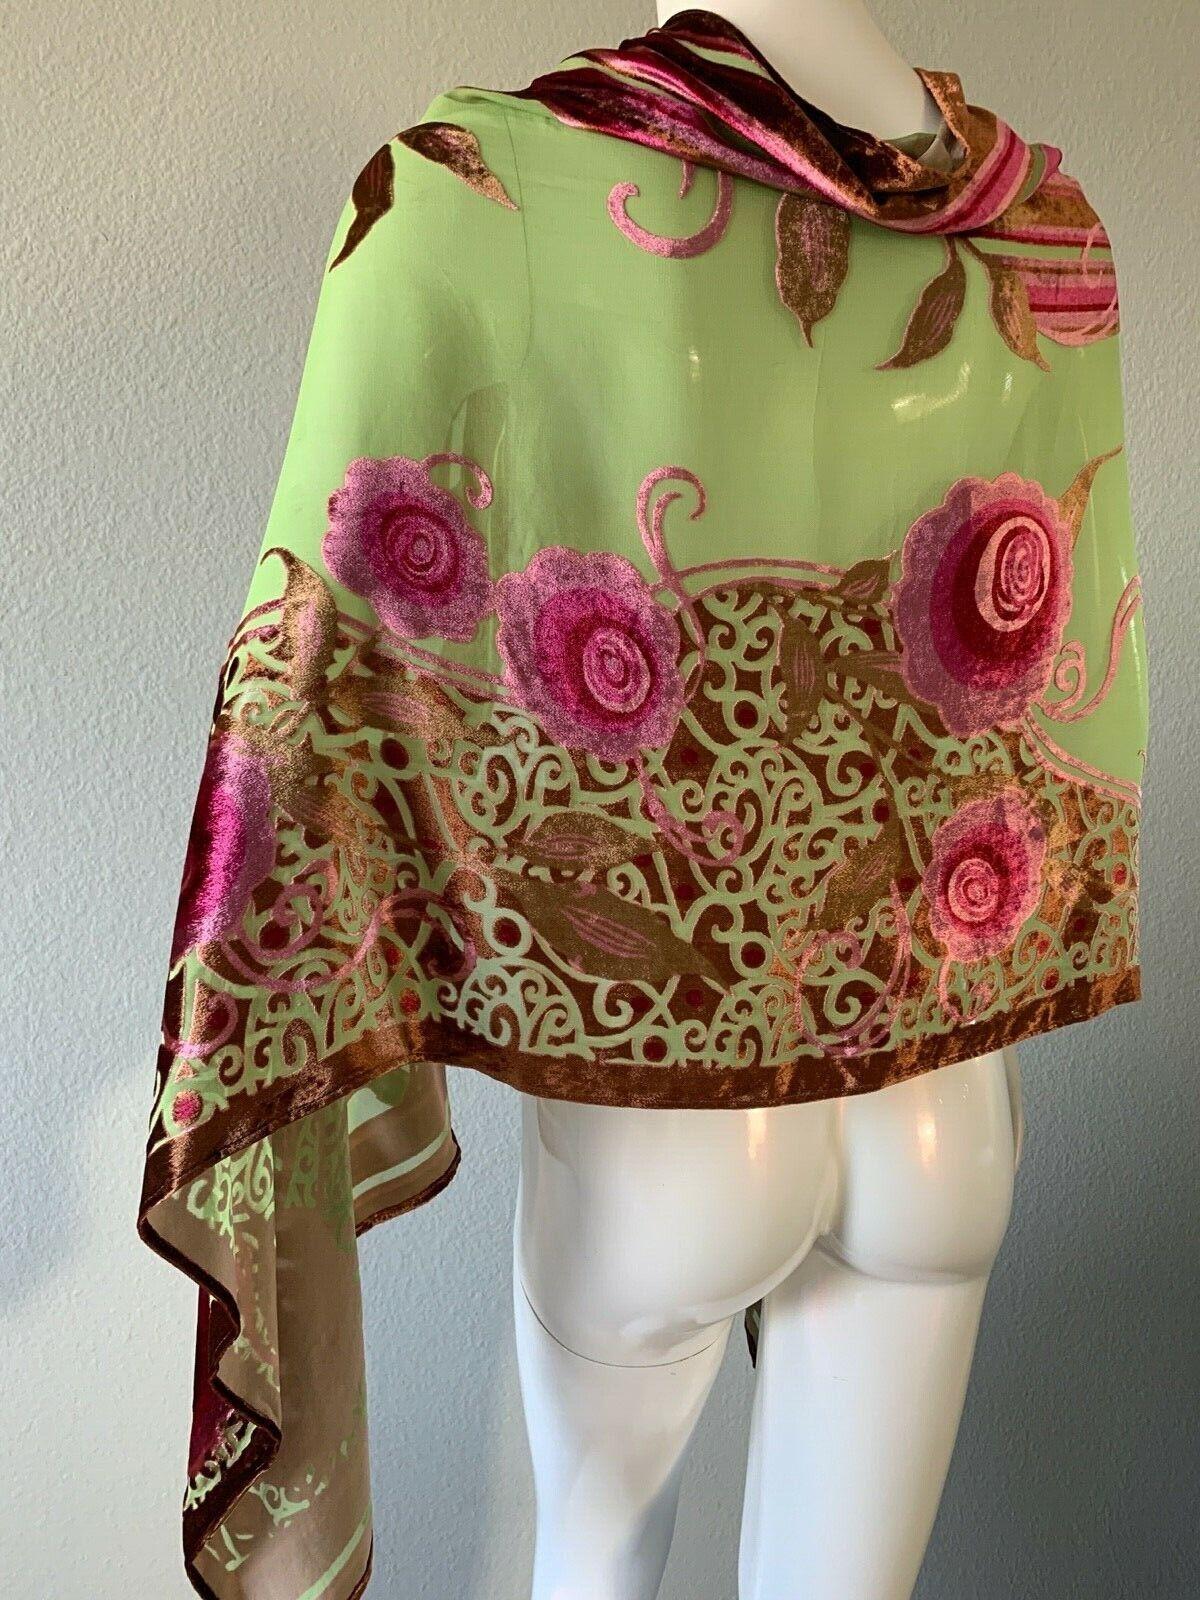 Nordstrom magnífico sacarf Mujer Largo Chal/bufanda de terciopelo quemado Floral 65X24